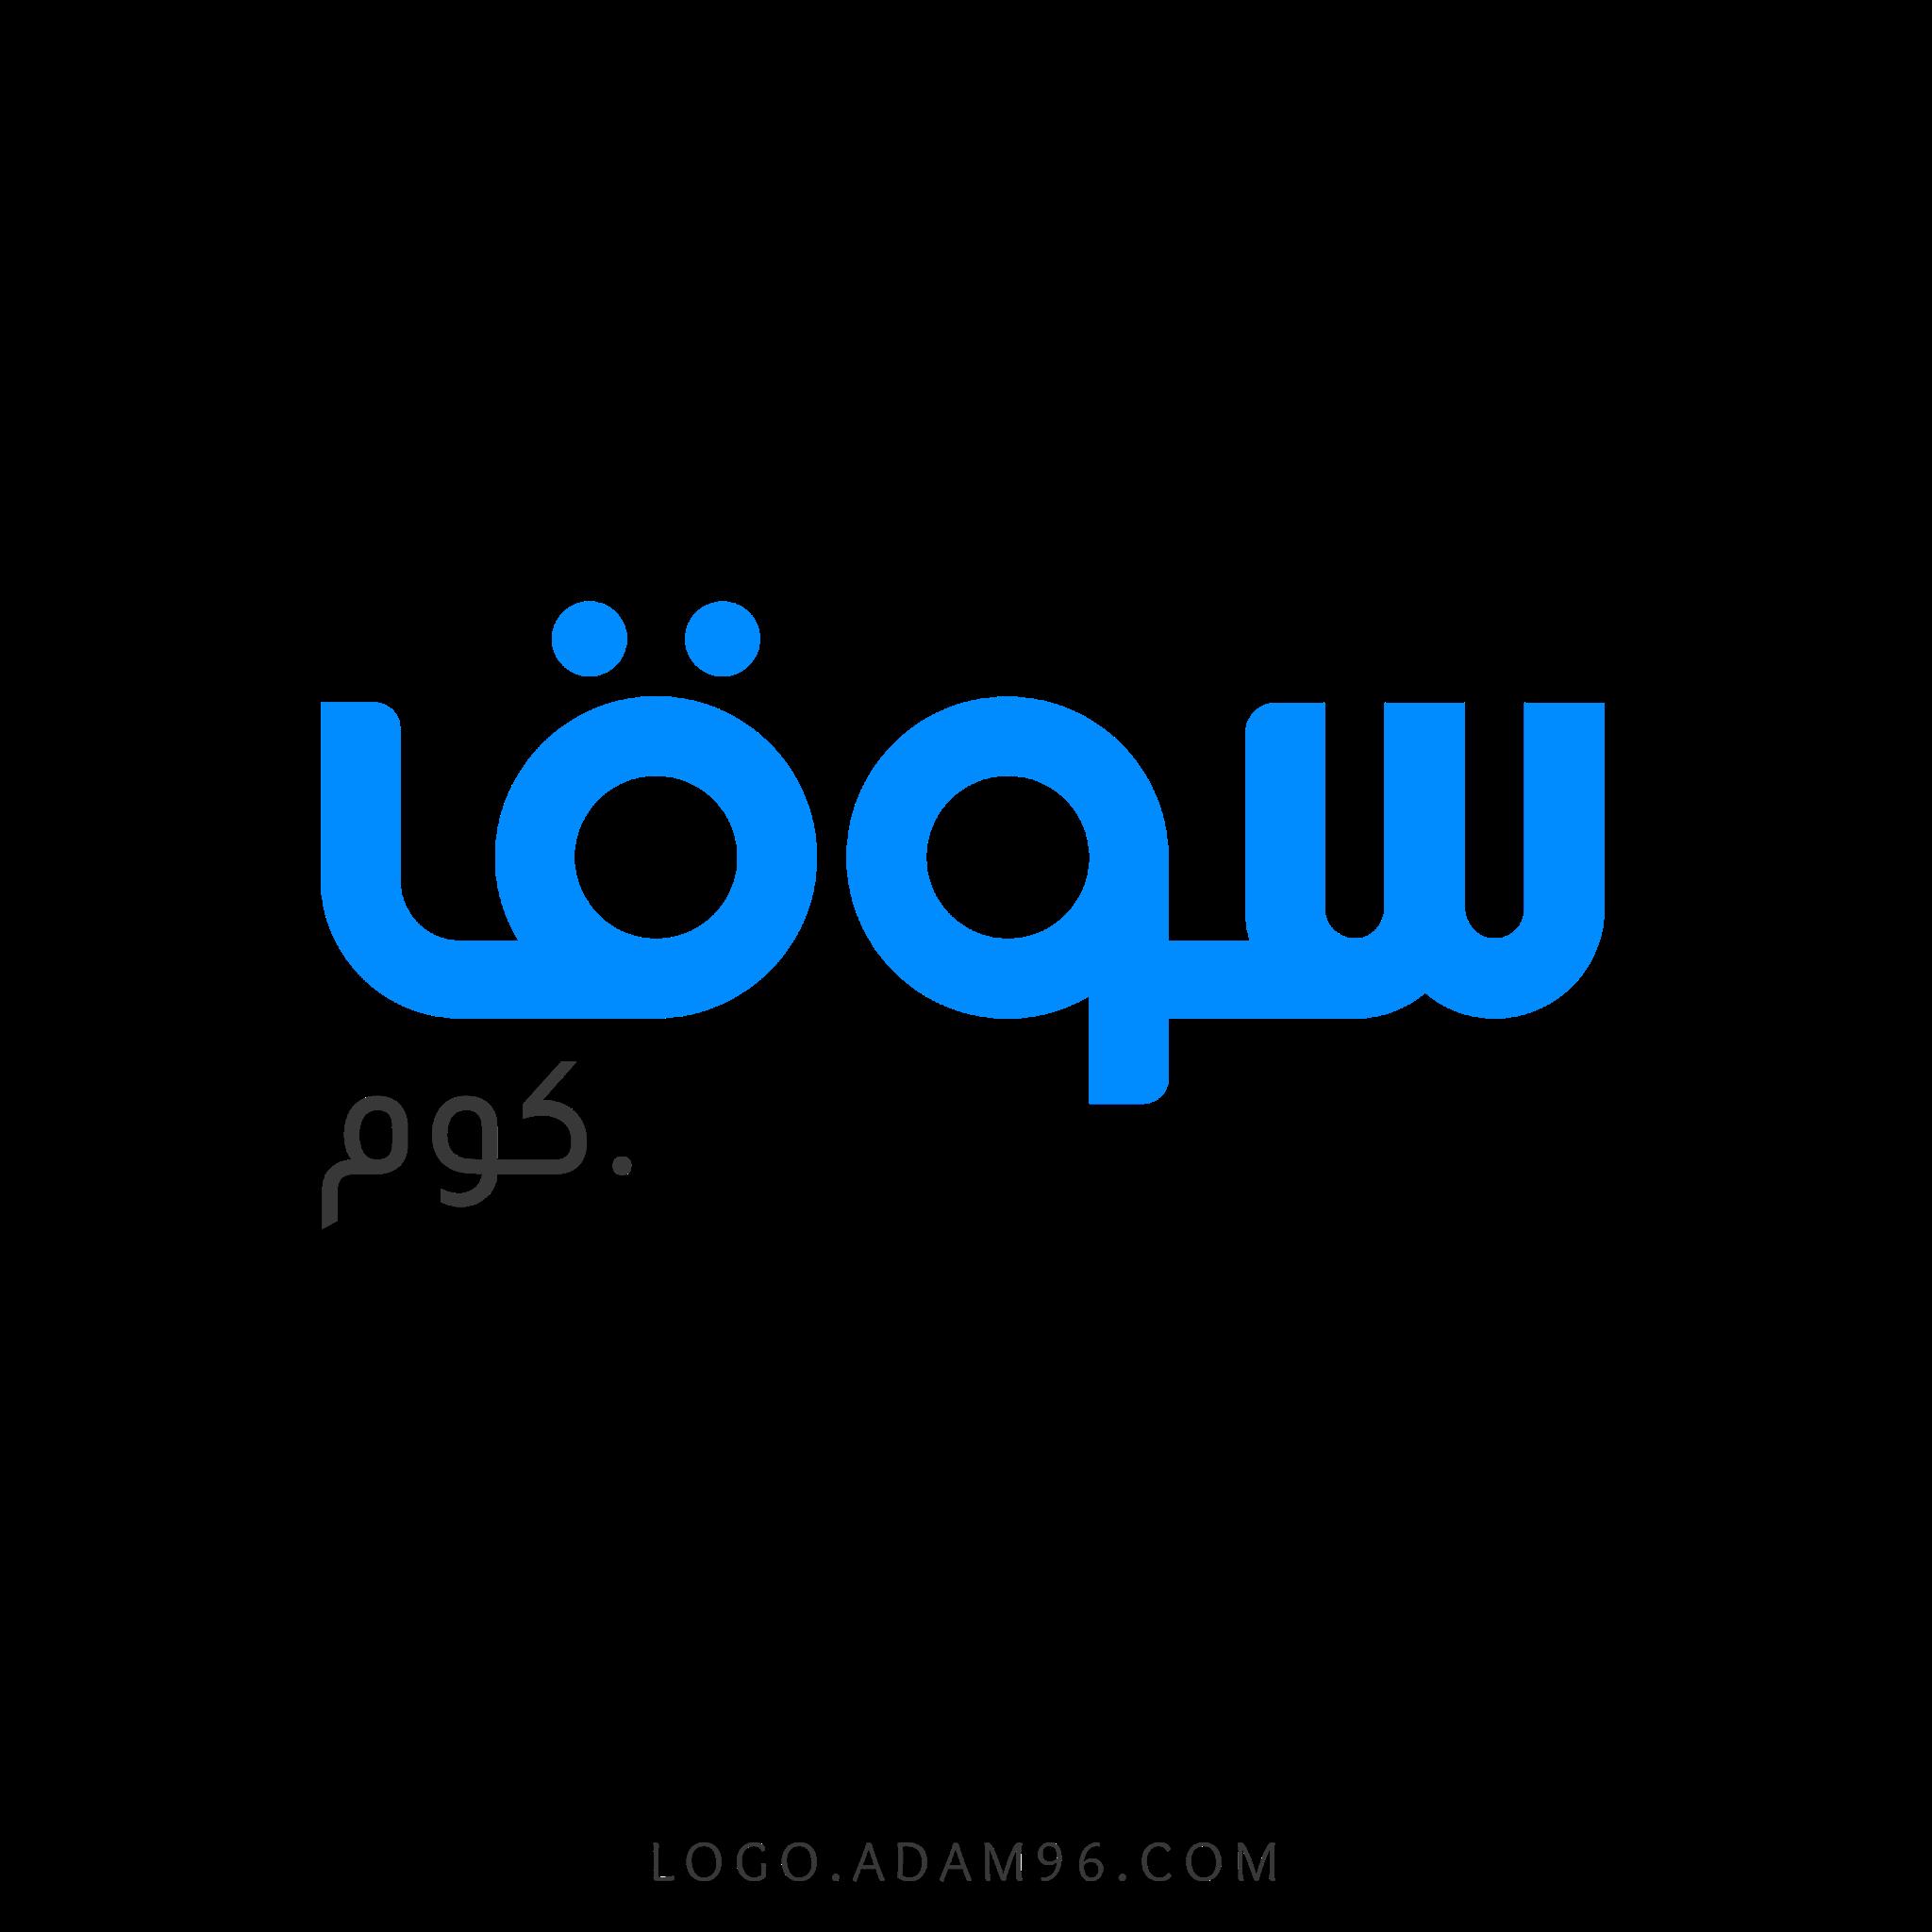 تحميل شعار موقع سوق لوجو عالي الدقة بصيغة شفافة PNG